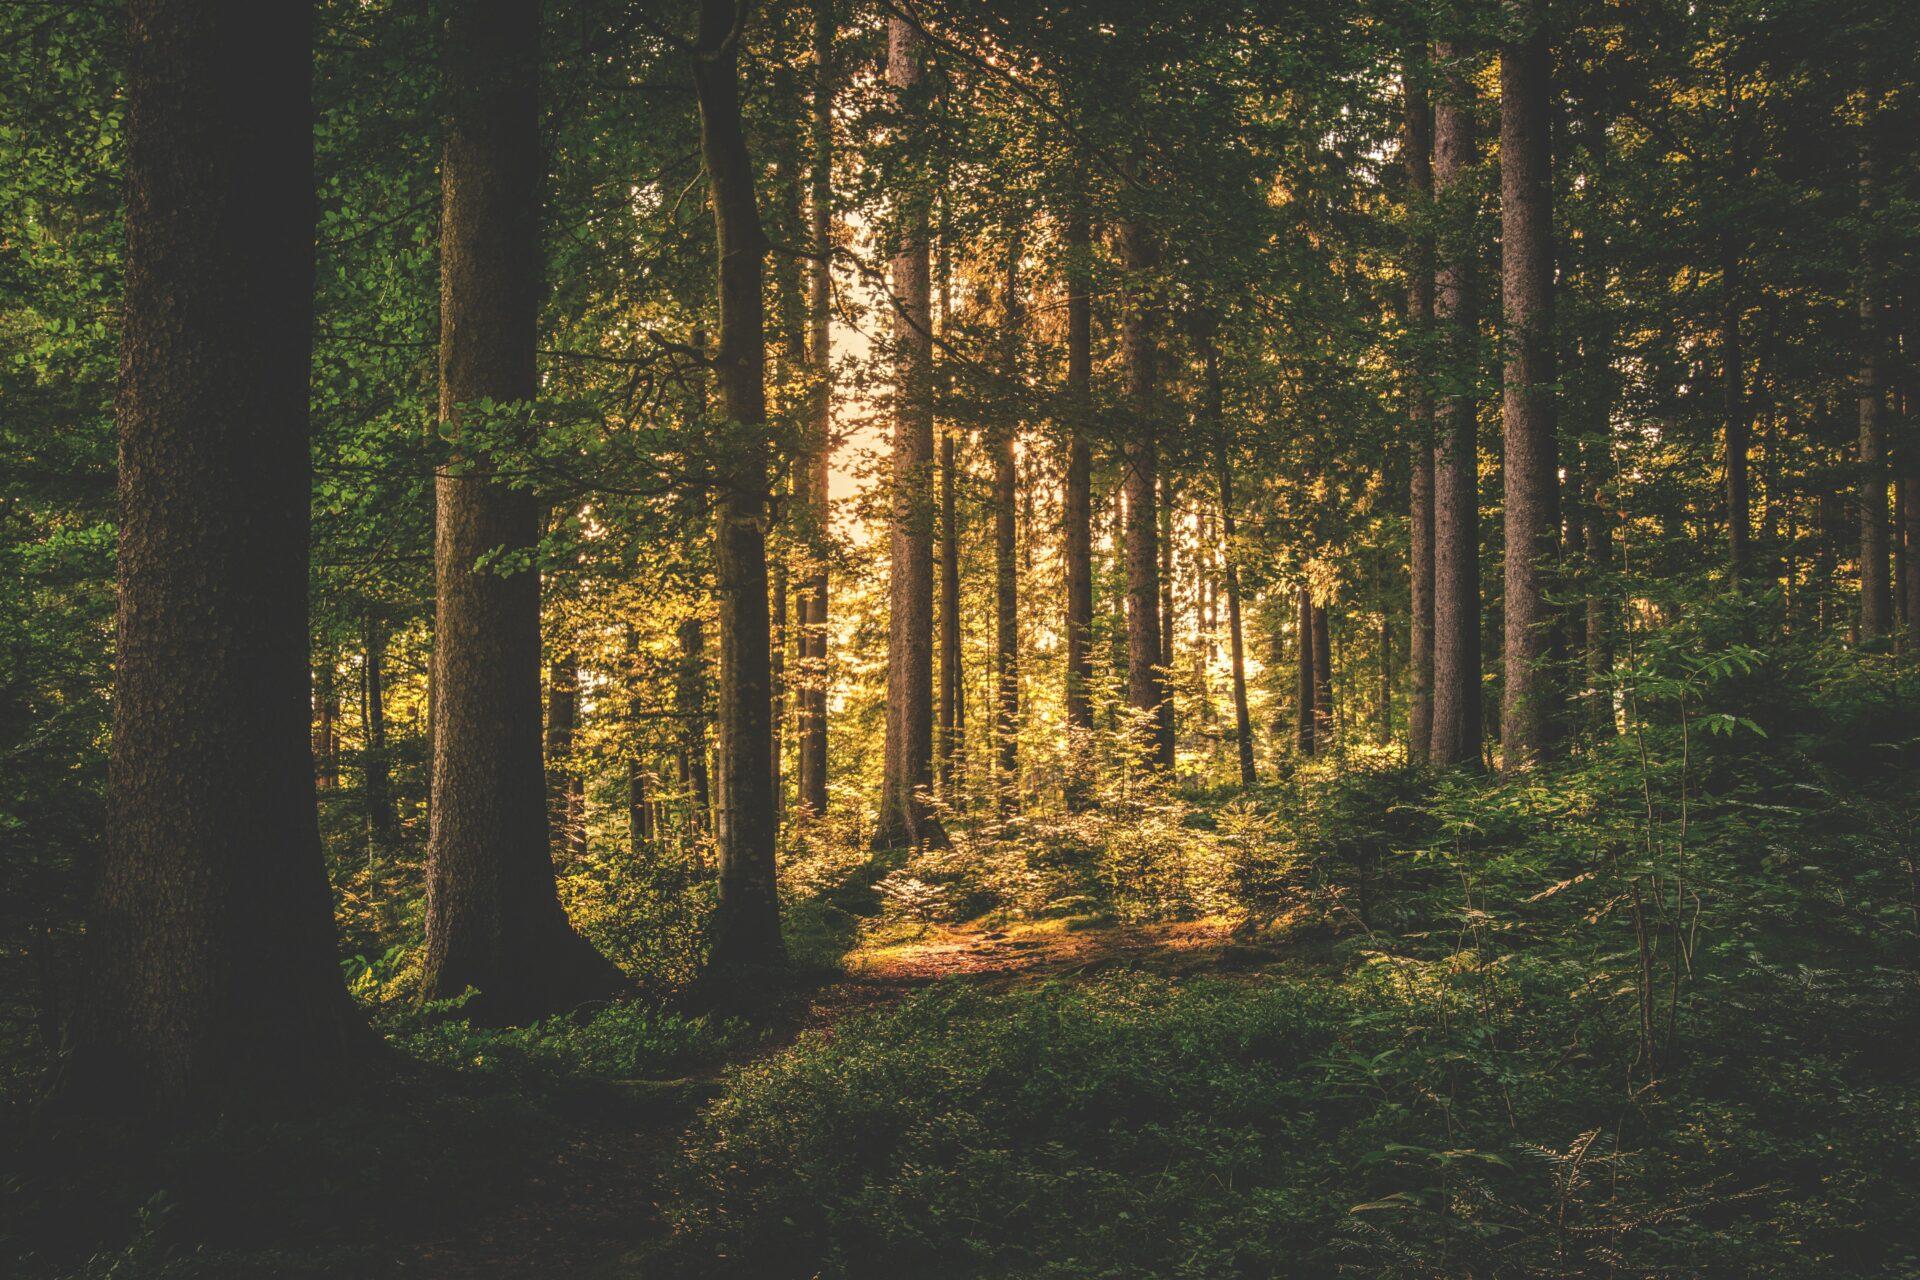 Skog där solen lyster genom träden.